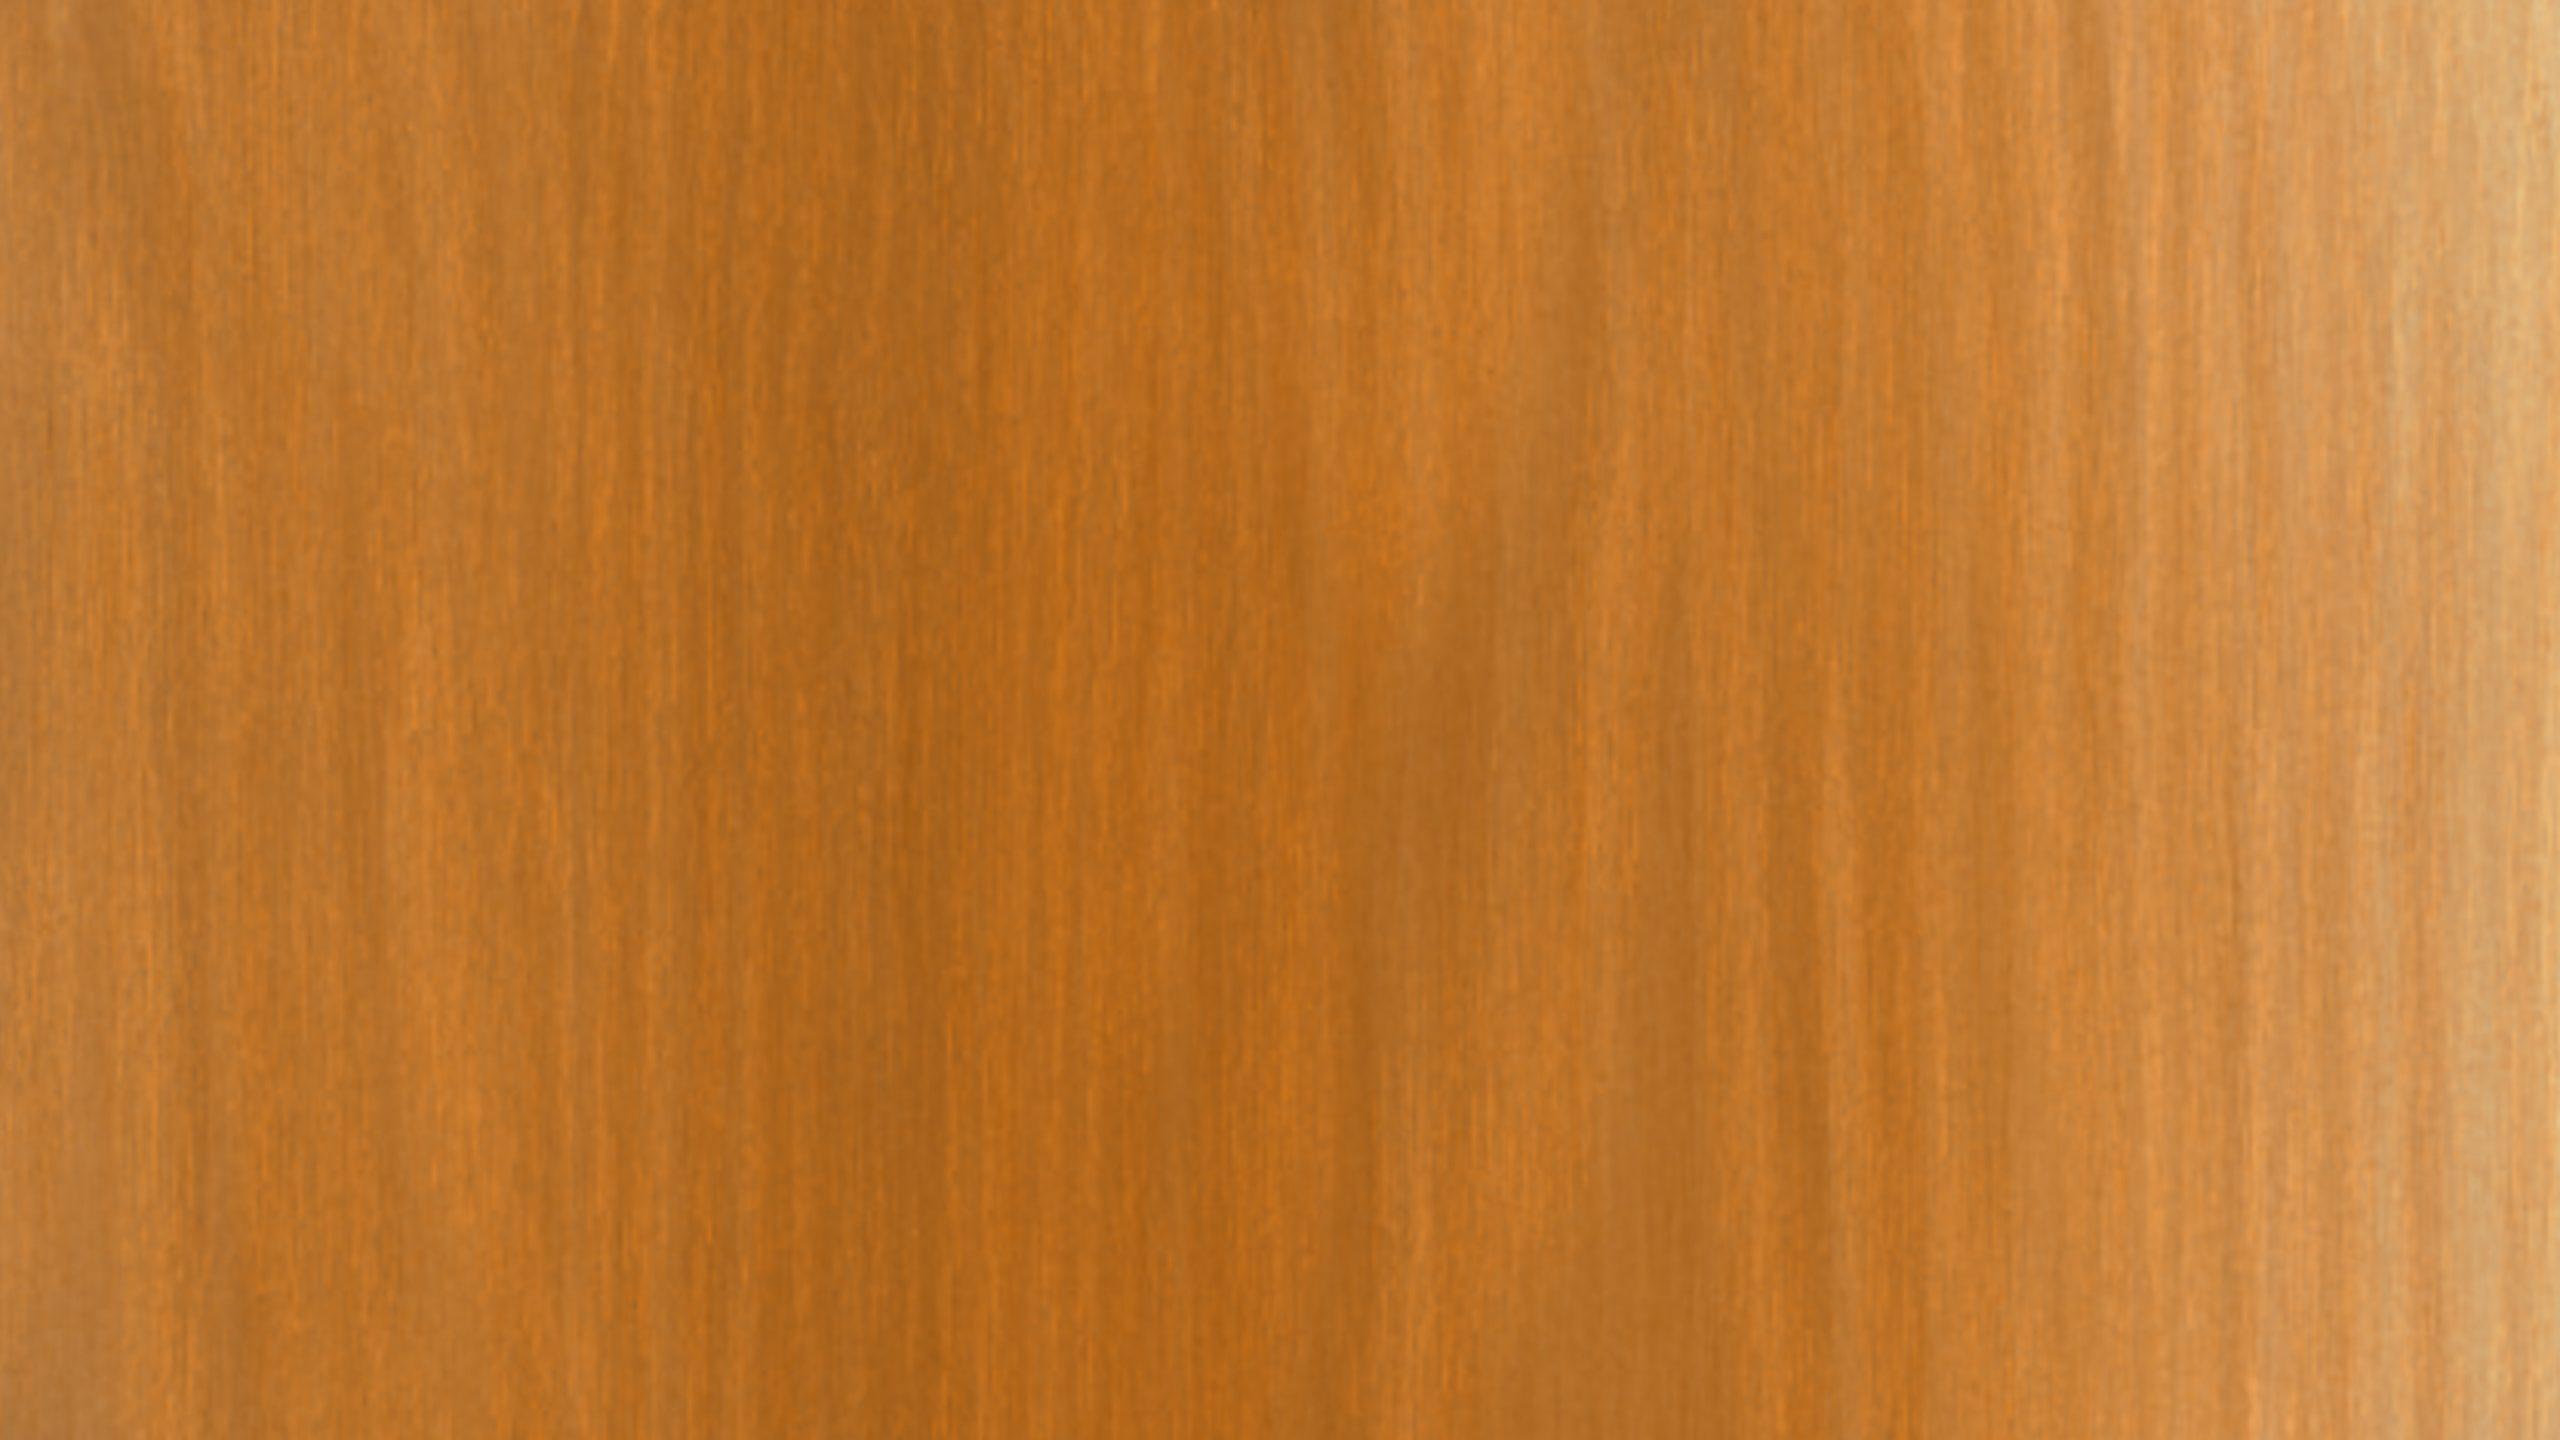 Wooden surface wallpaper